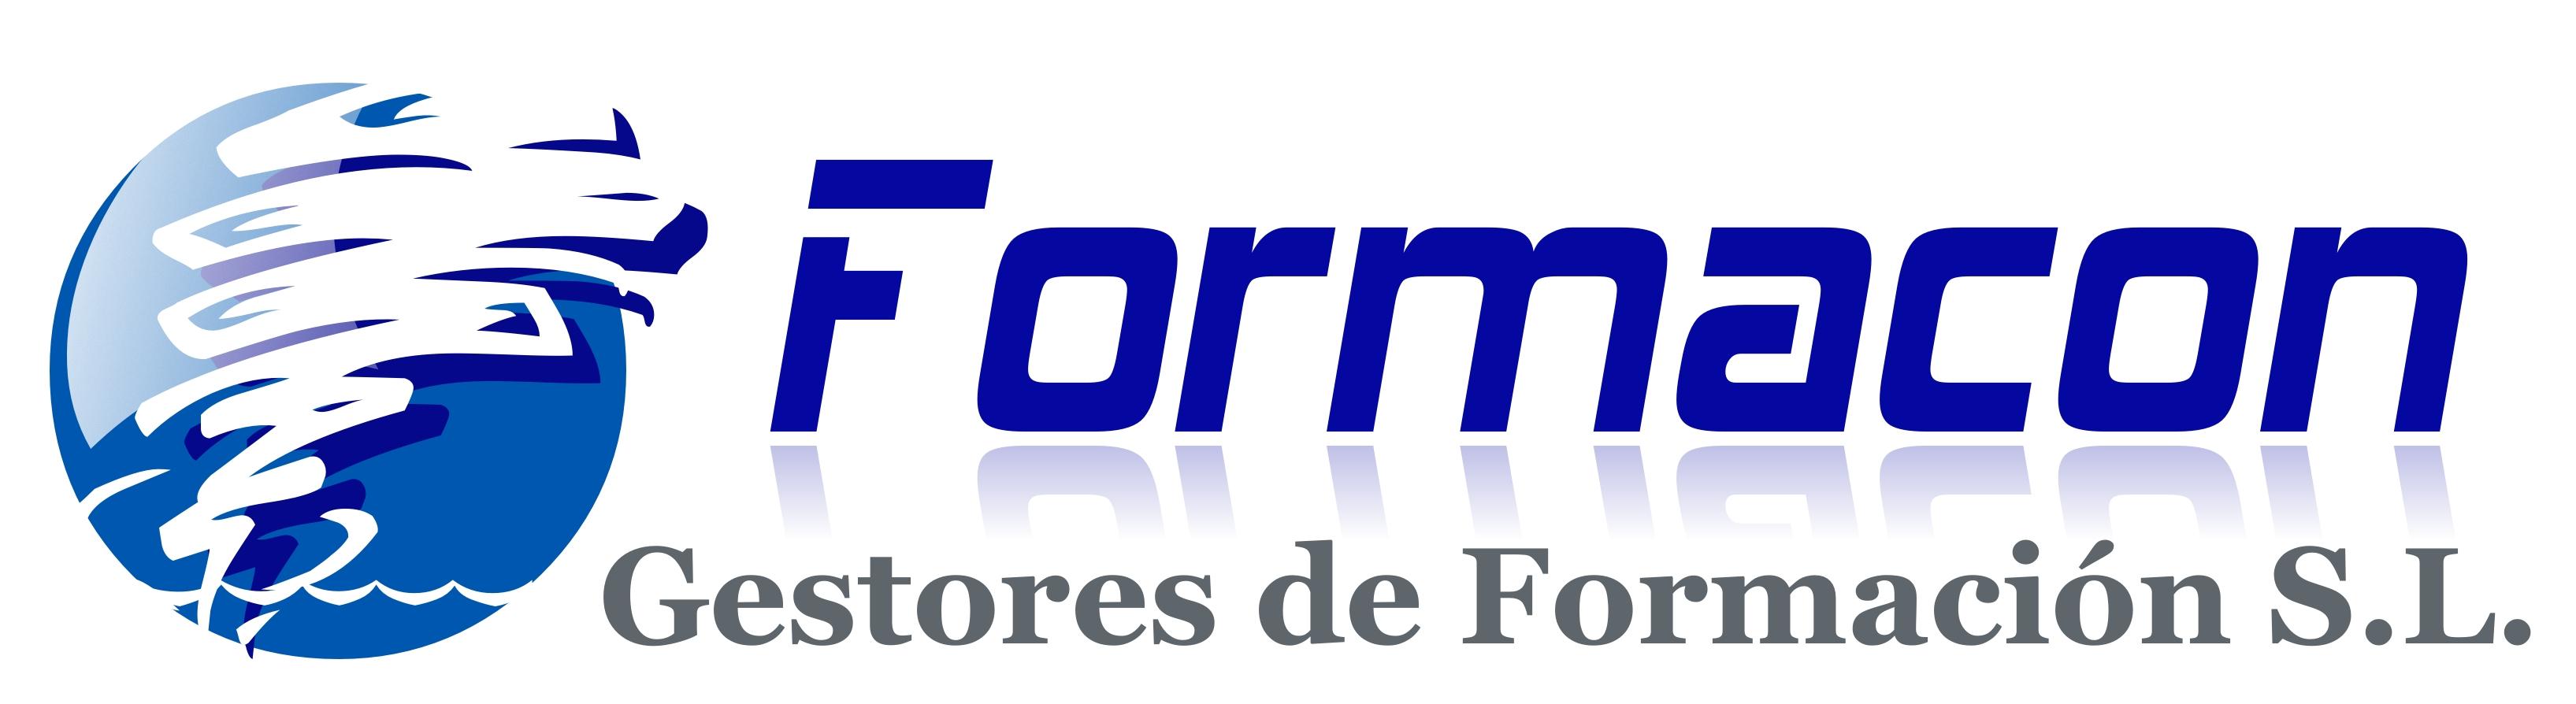 FORMACON GESTORES DE FORMACIÓN S.L.